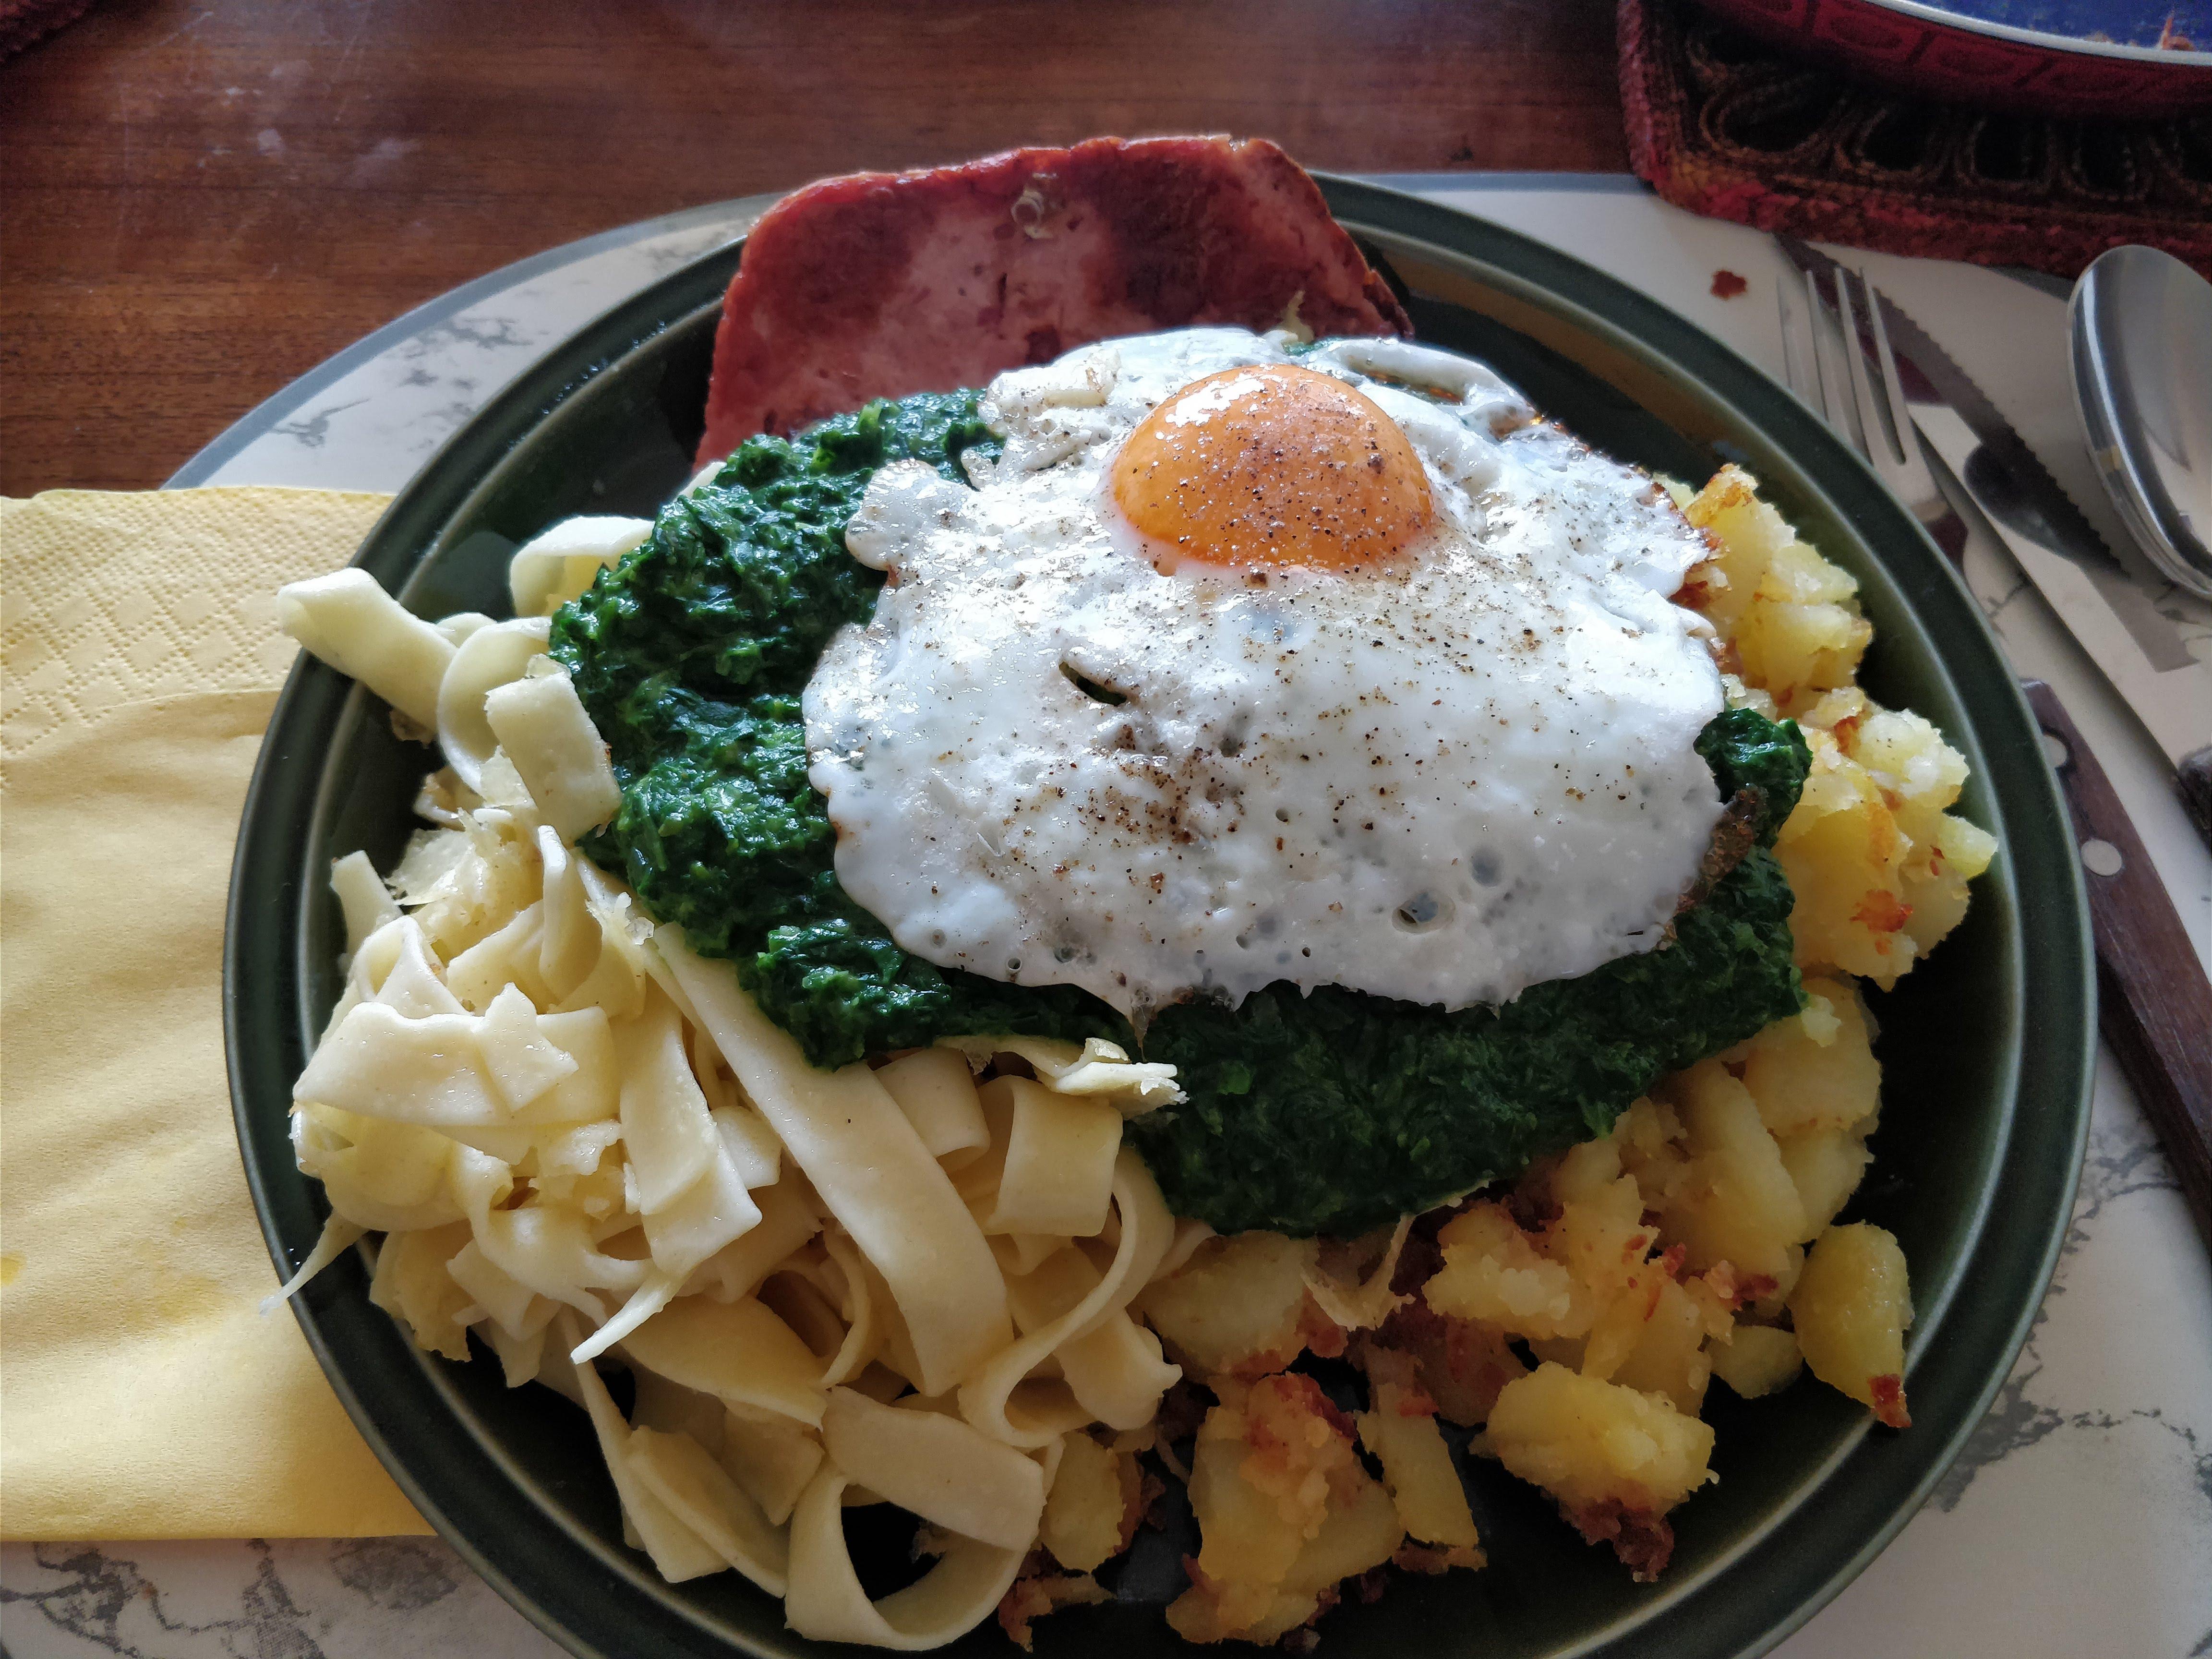 http://foodloader.net/nico_2018-05-09_fleischkaese-spinat-bratkartoffeln-spiegelei.jpg